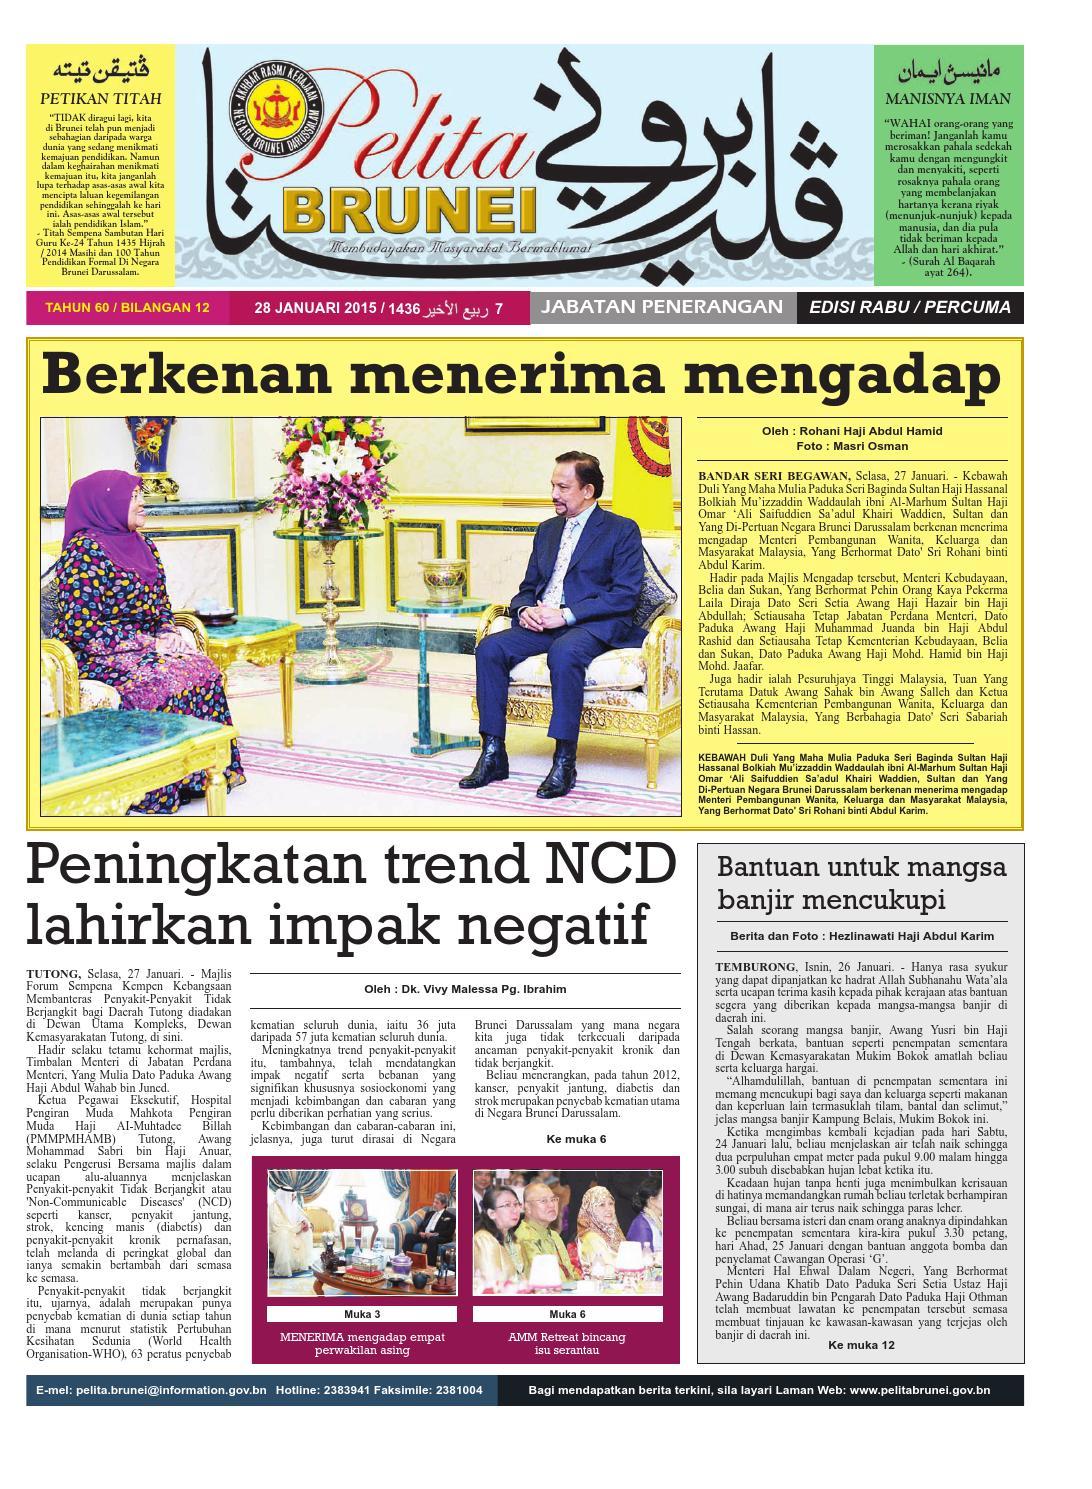 Pelita Brunei Rabu 28 Jan 2015 By Putera Katak Brunei Issuu